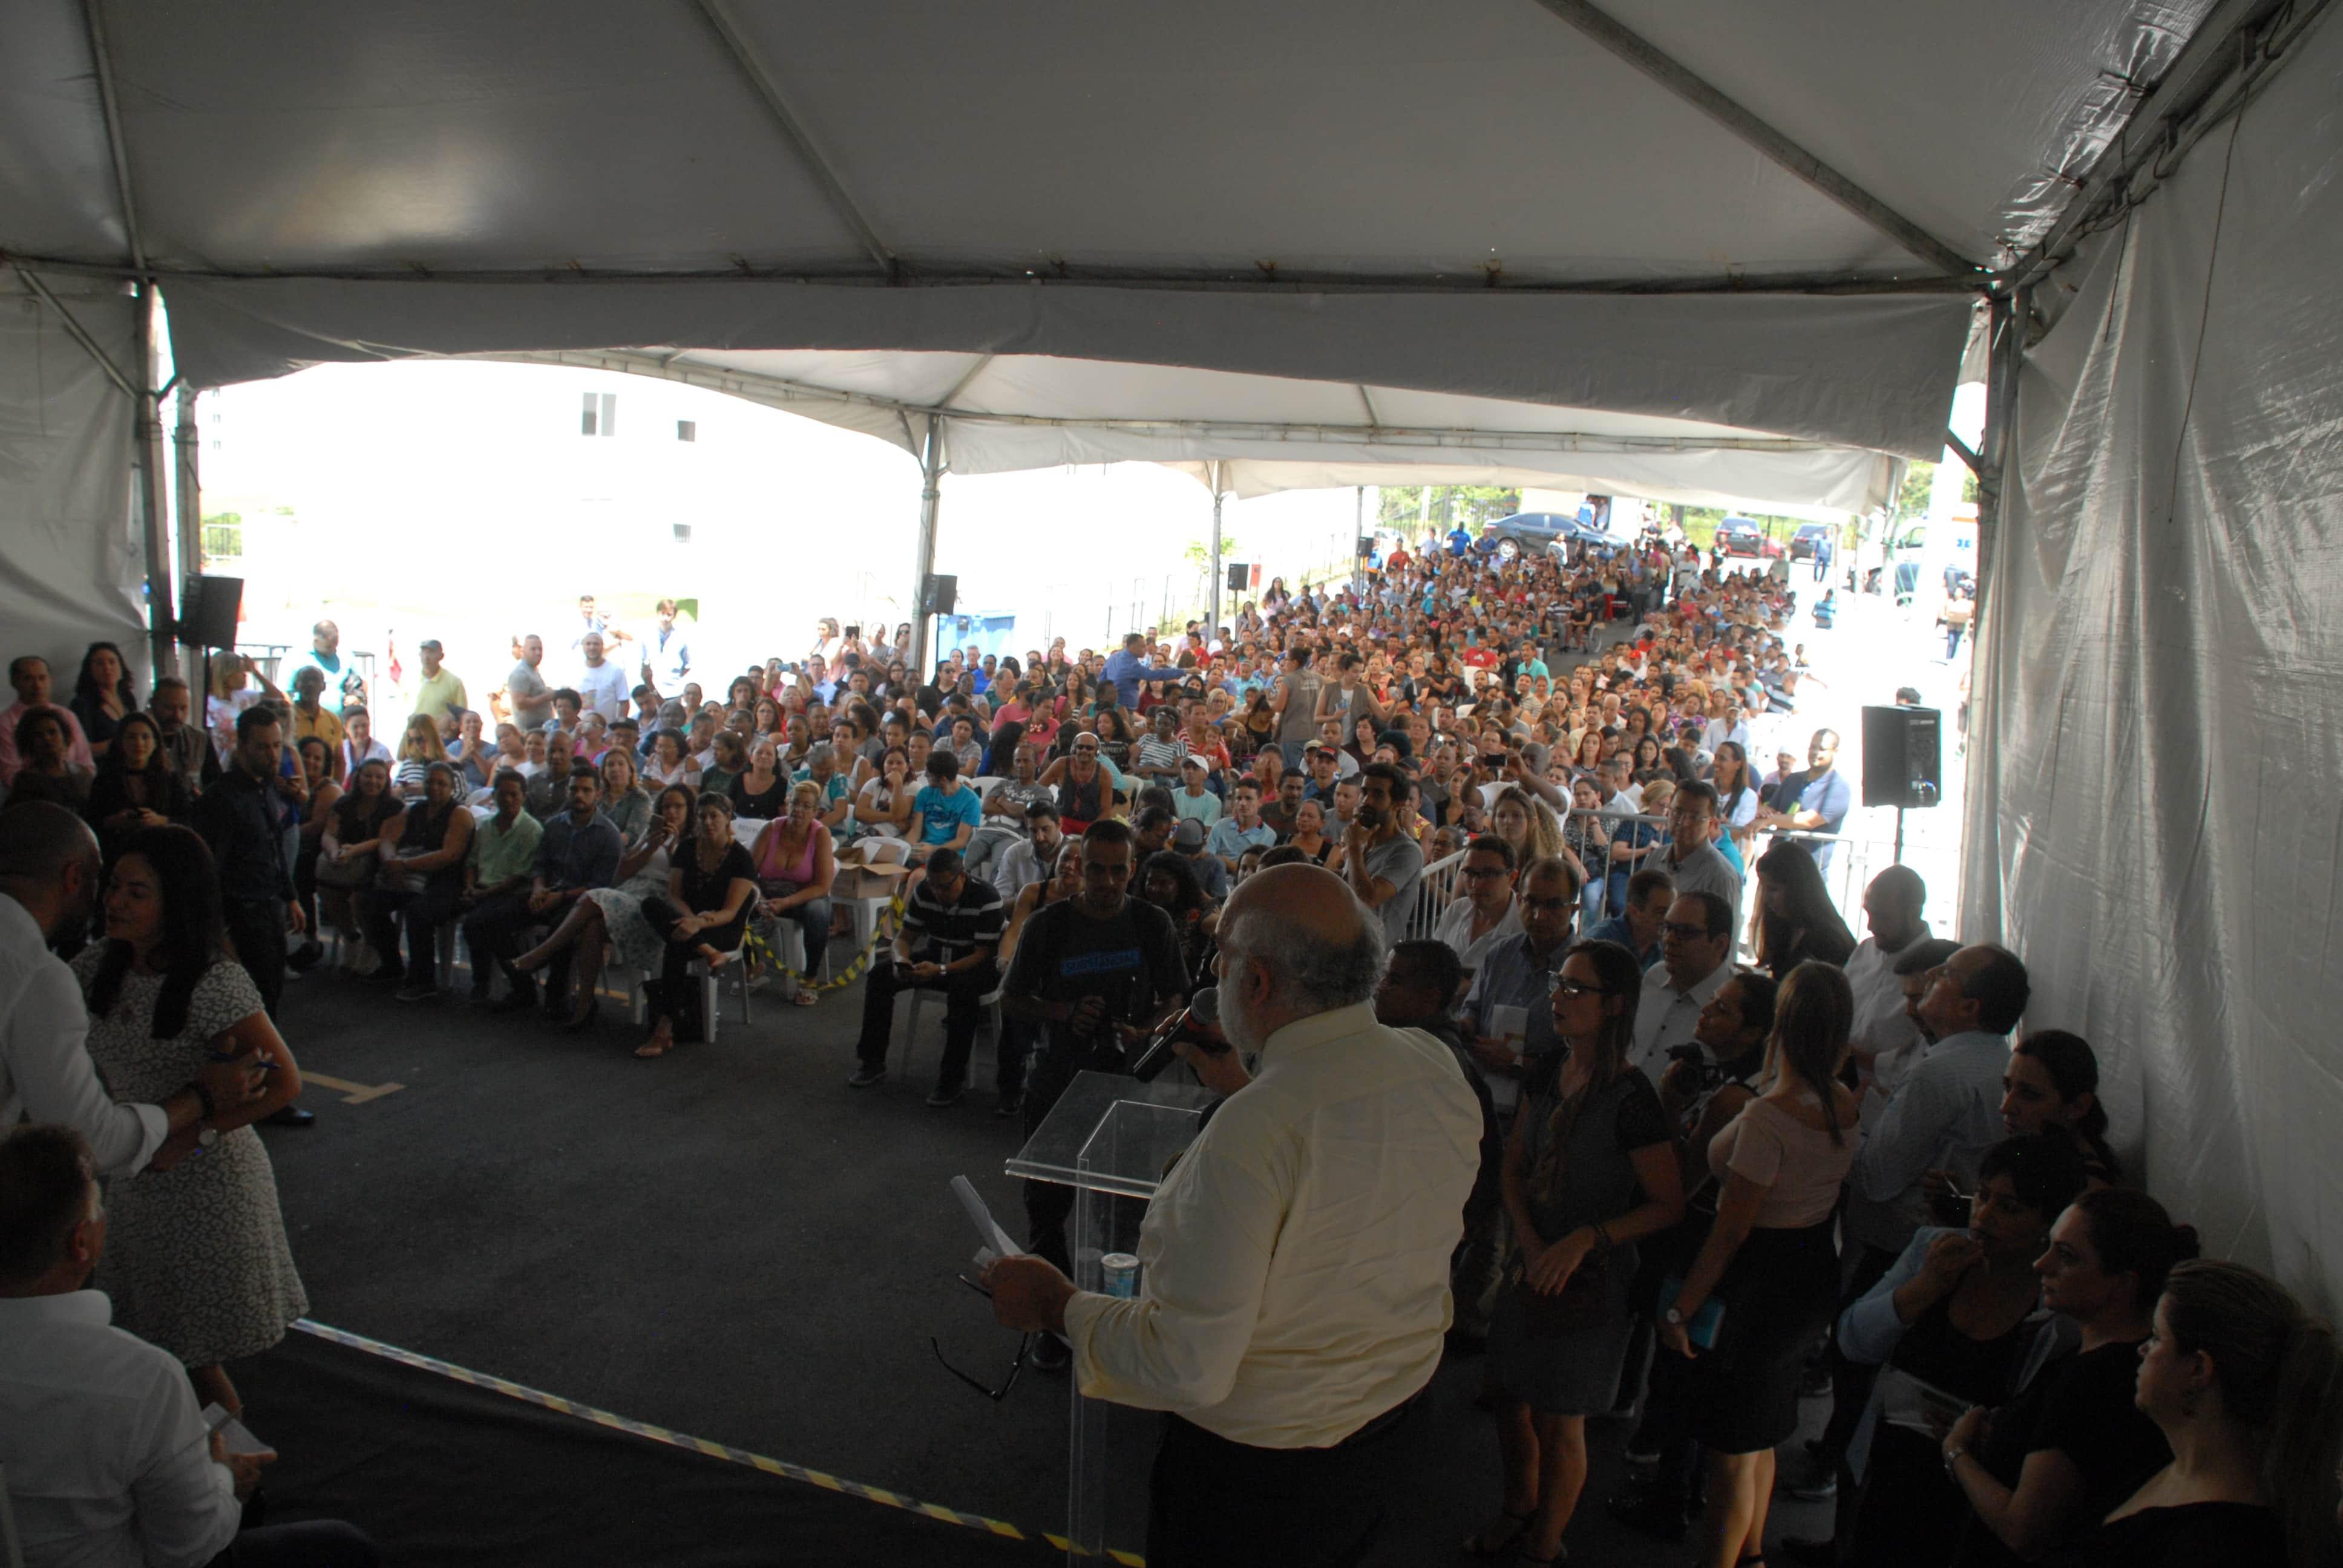 Foto aberta, vinda vinda do palco, mostrando as costas das pessoas em pé do palco, falando com uma multidão de pessoas sentadas em baixo de uma lona